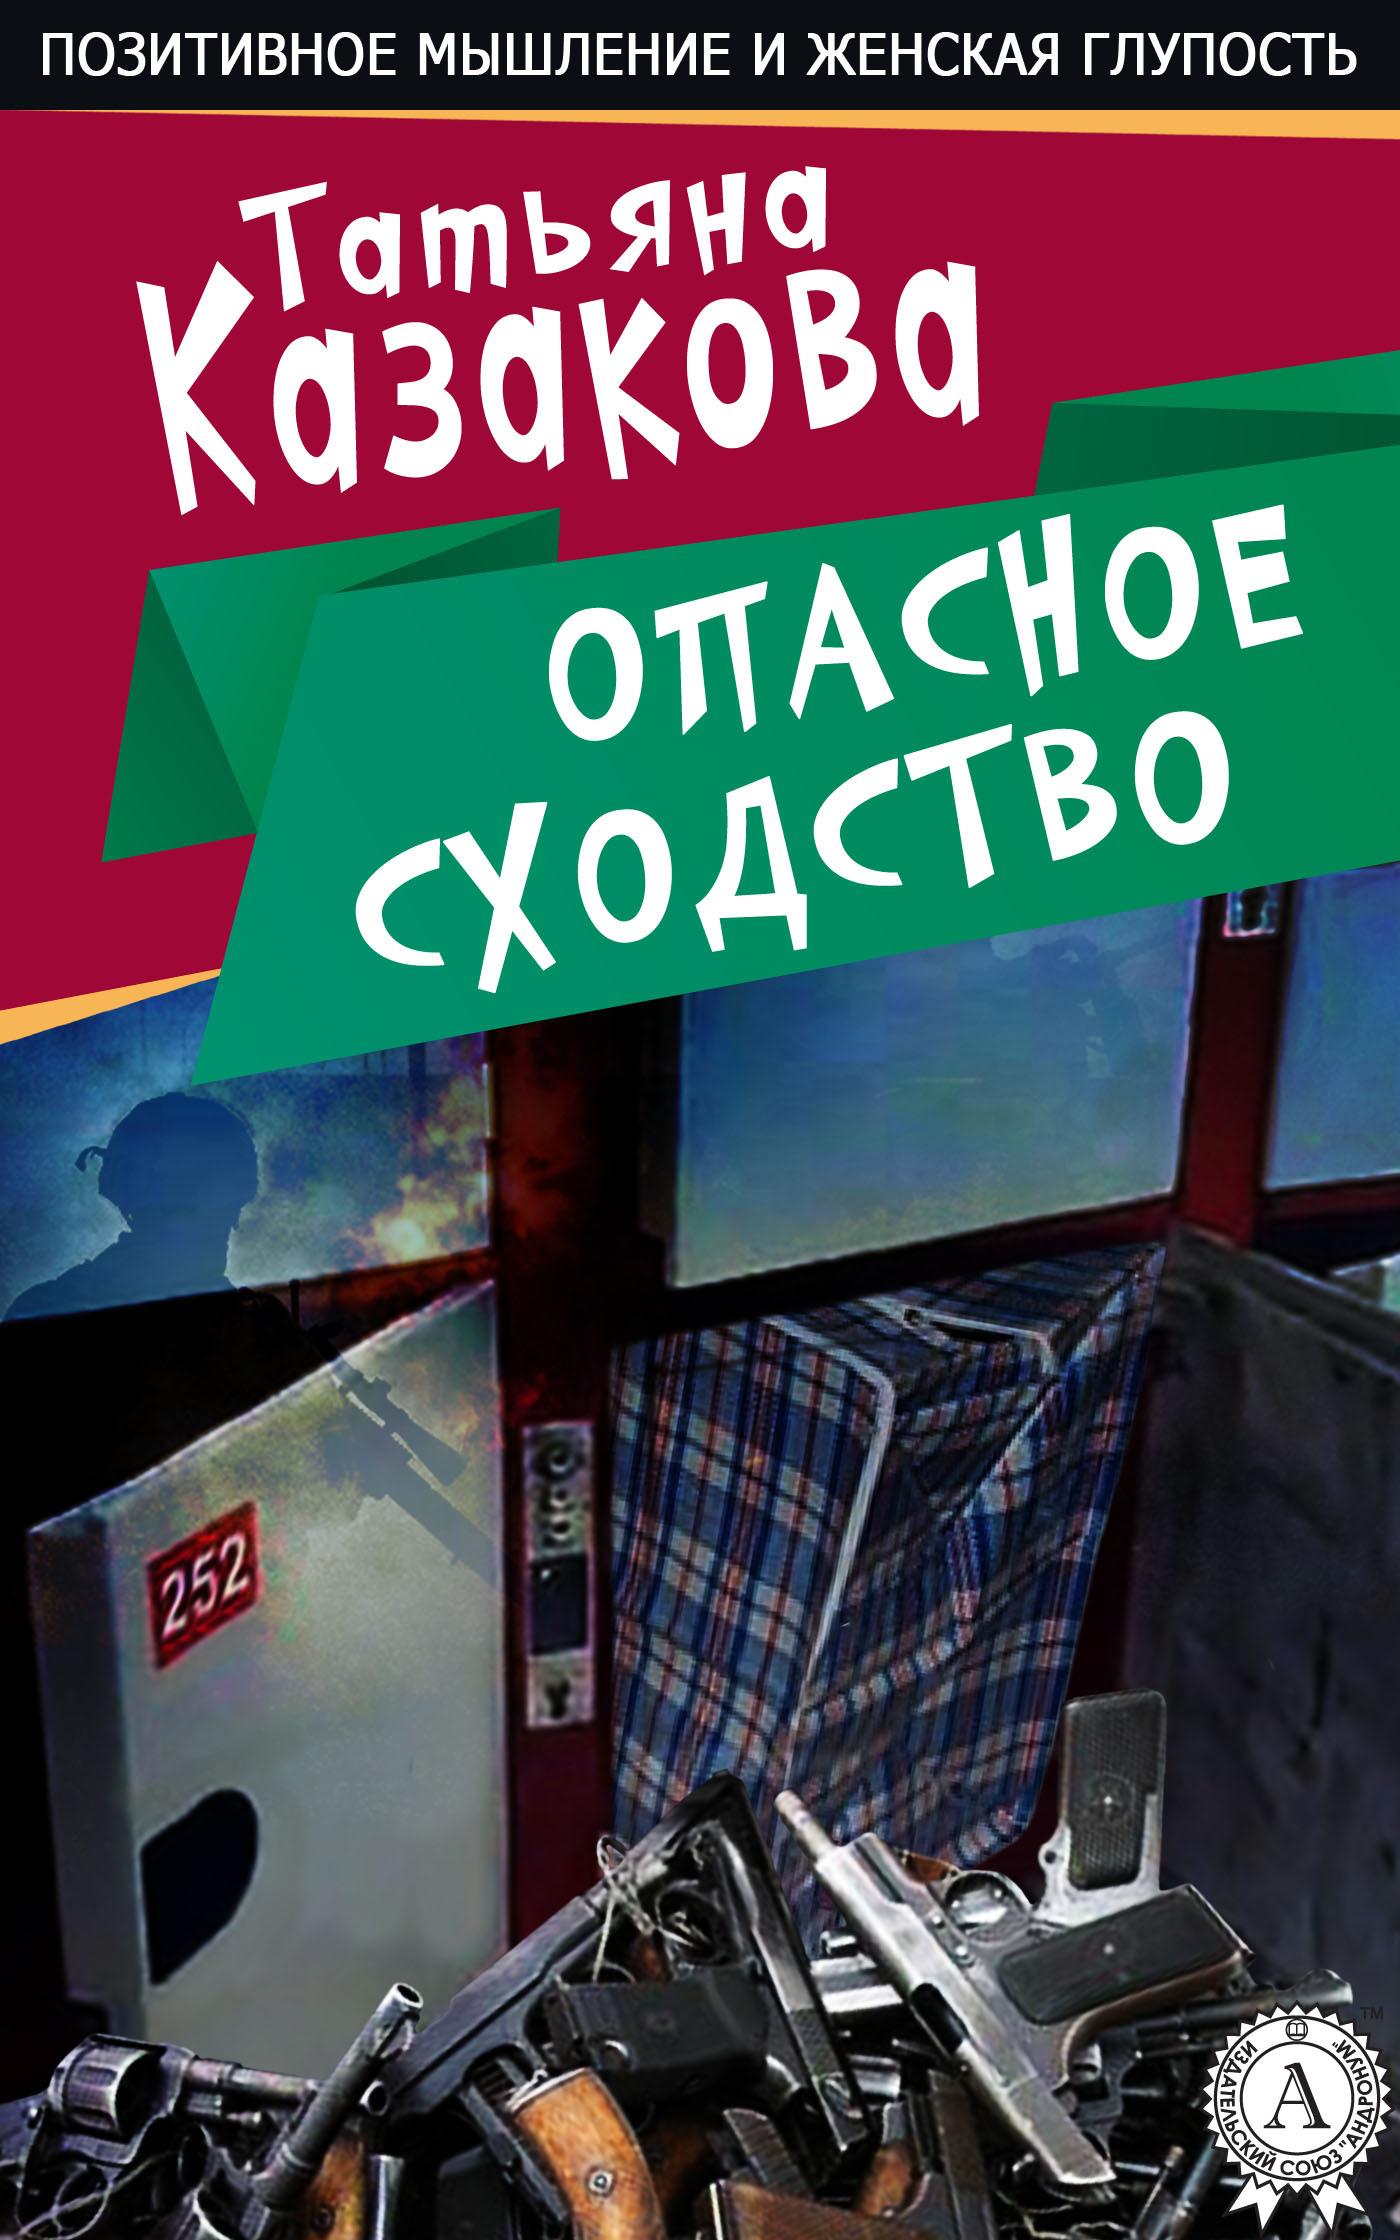 Татьяна Казакова «Опасное сходство»